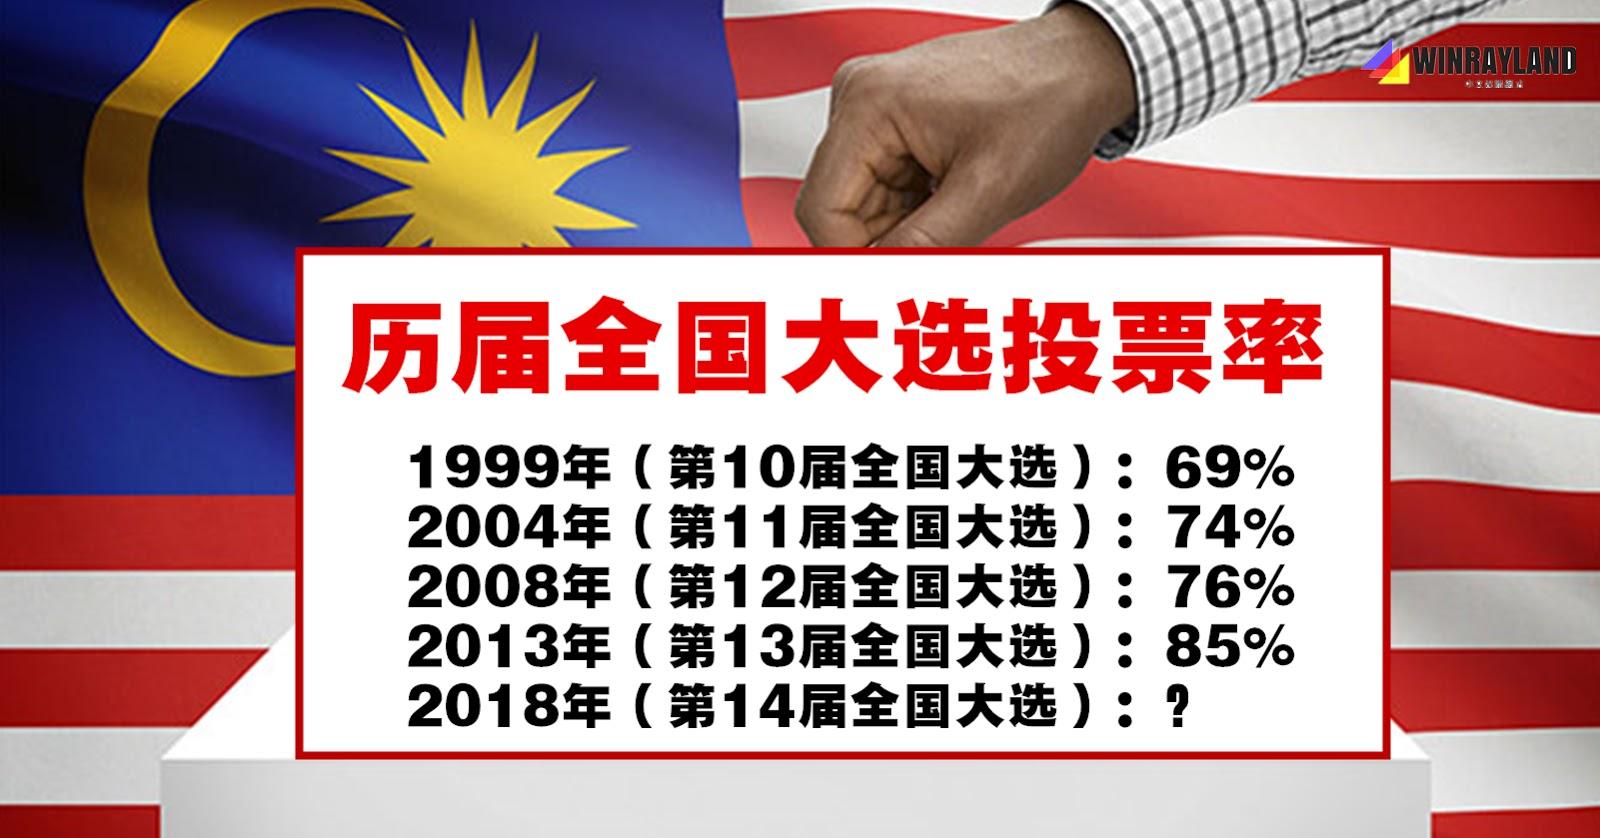 历届全国大选投票率